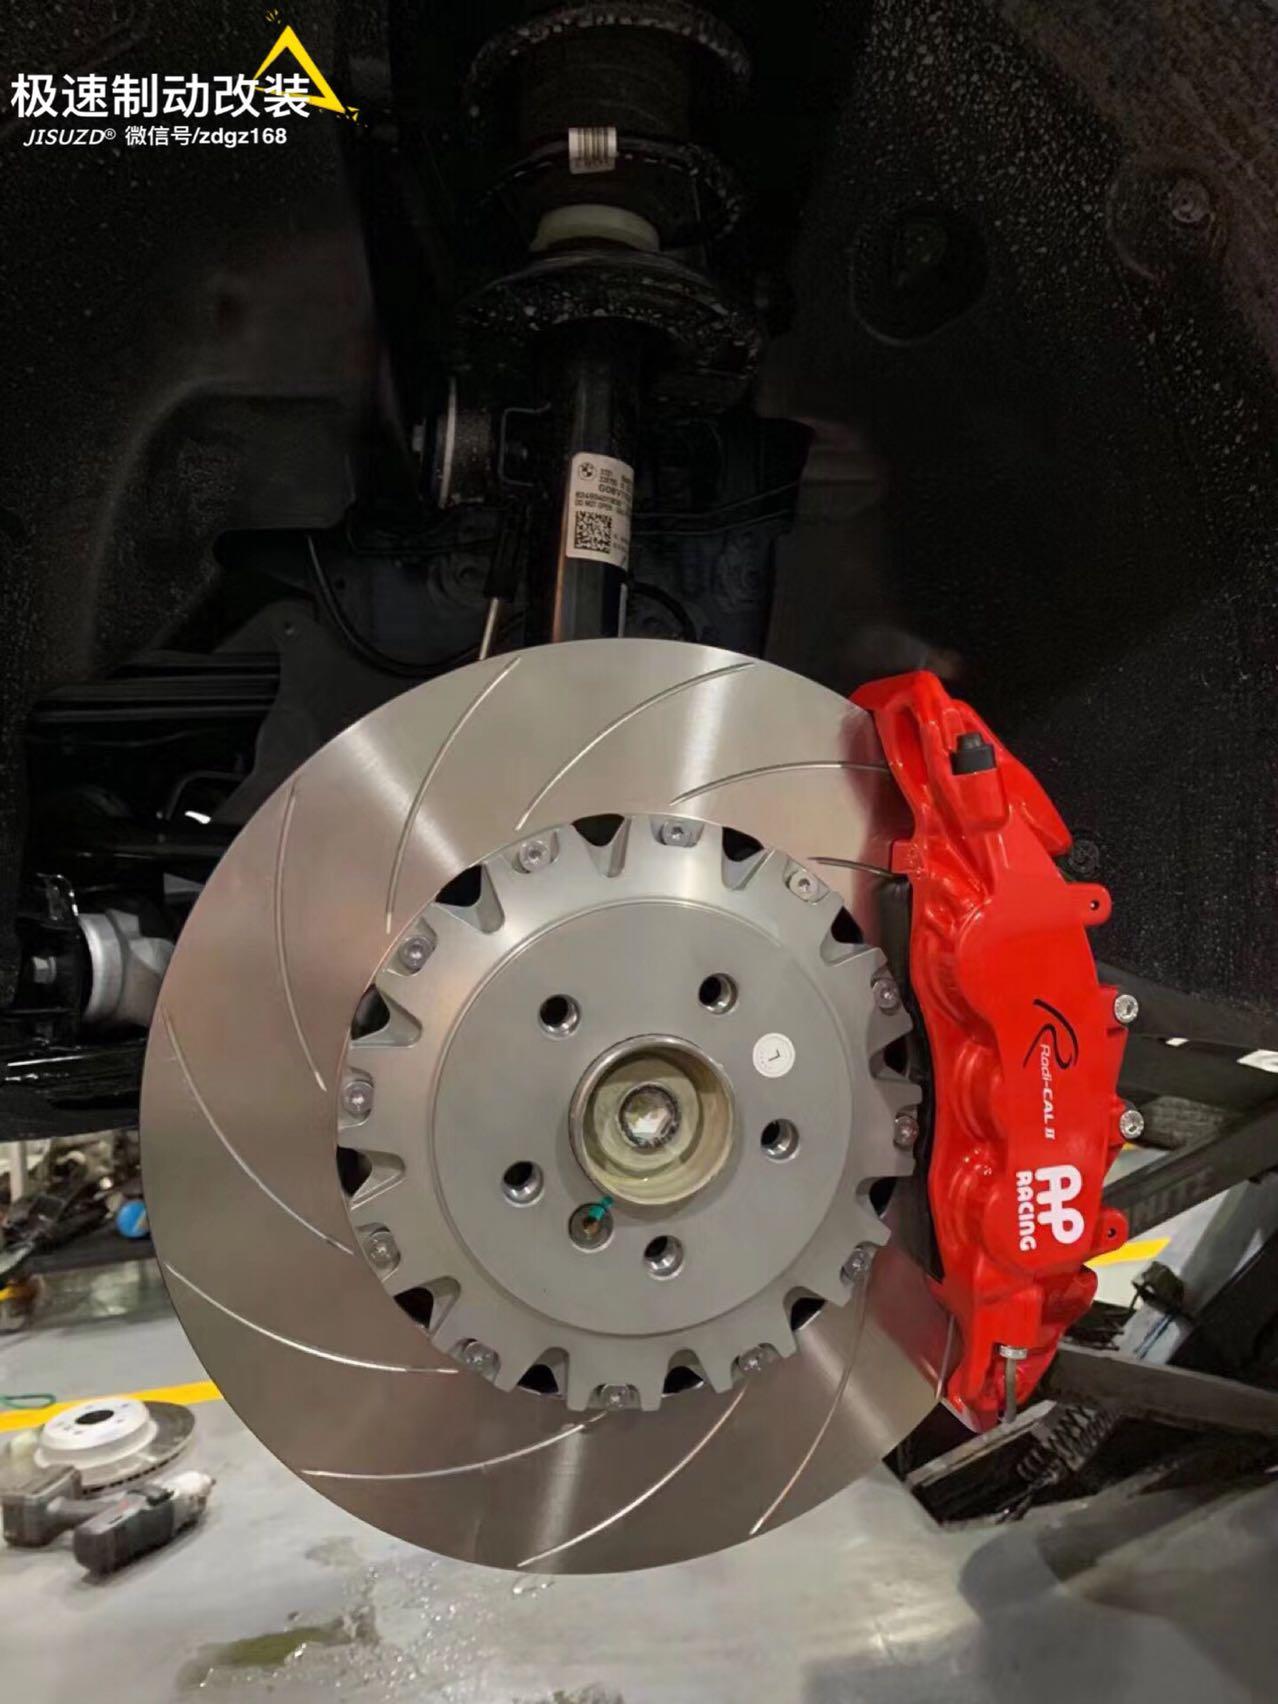 宝马X3-G08 刹车升级前轮AP9560大六/380碟盘套装,后轮355-370加大碟!